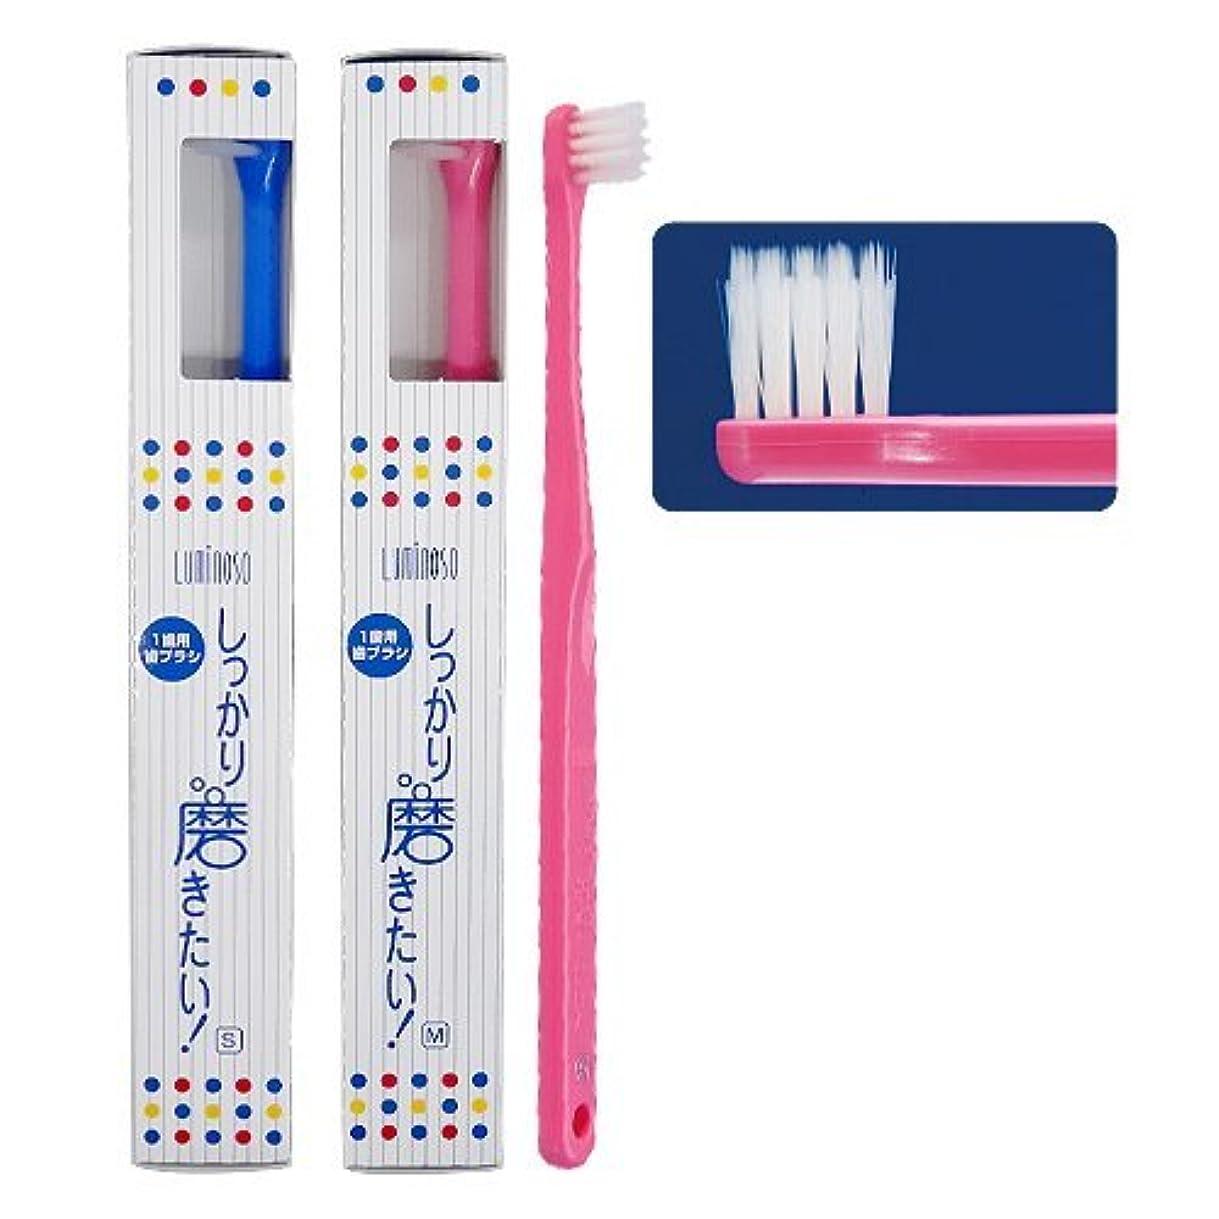 のためにりカリキュラムルミノソ 1歯用歯ブラシ「しっかり磨きたい!」スタンダード ミディアム (カラー指定不可) 5本